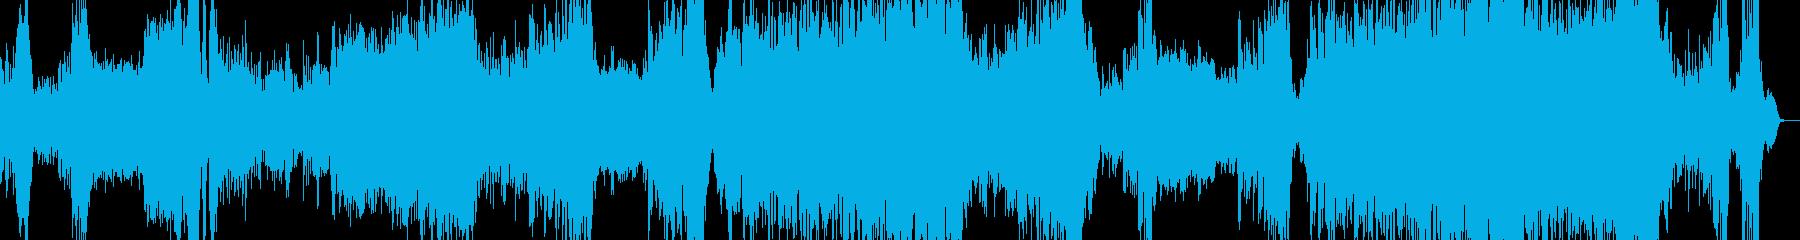 アニメや劇判の劇的で壮大なテーマ曲の再生済みの波形